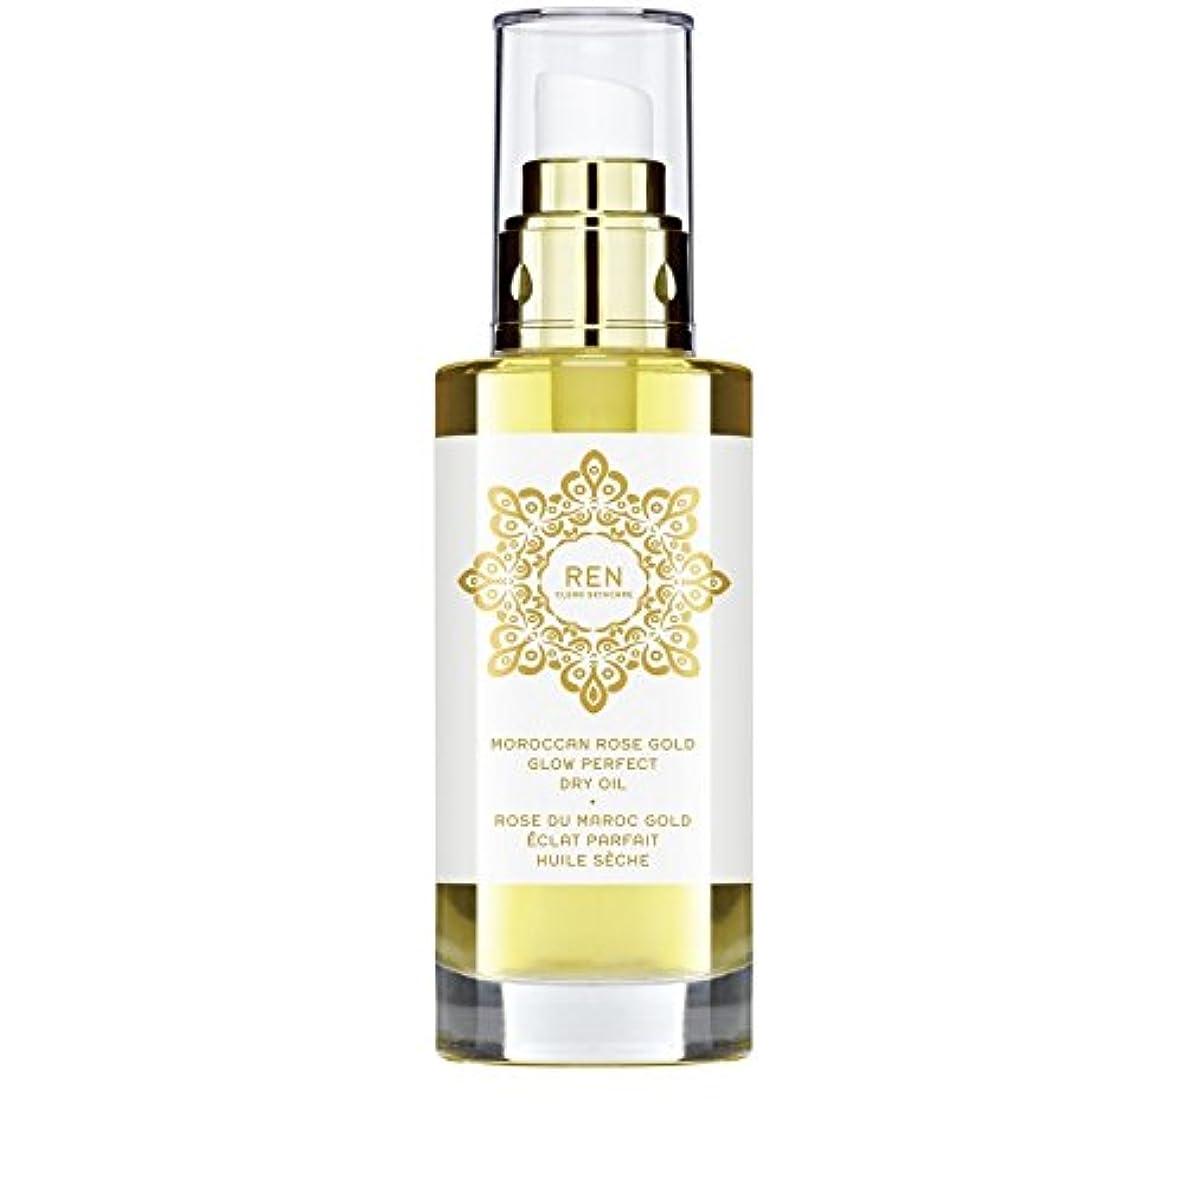 パトロン実行するさびたREN Moroccan Rose Gold Glow Perfect Dry Oil 100ml - モロッコは金が完璧なドライオイル100ミリリットルグローバラ [並行輸入品]